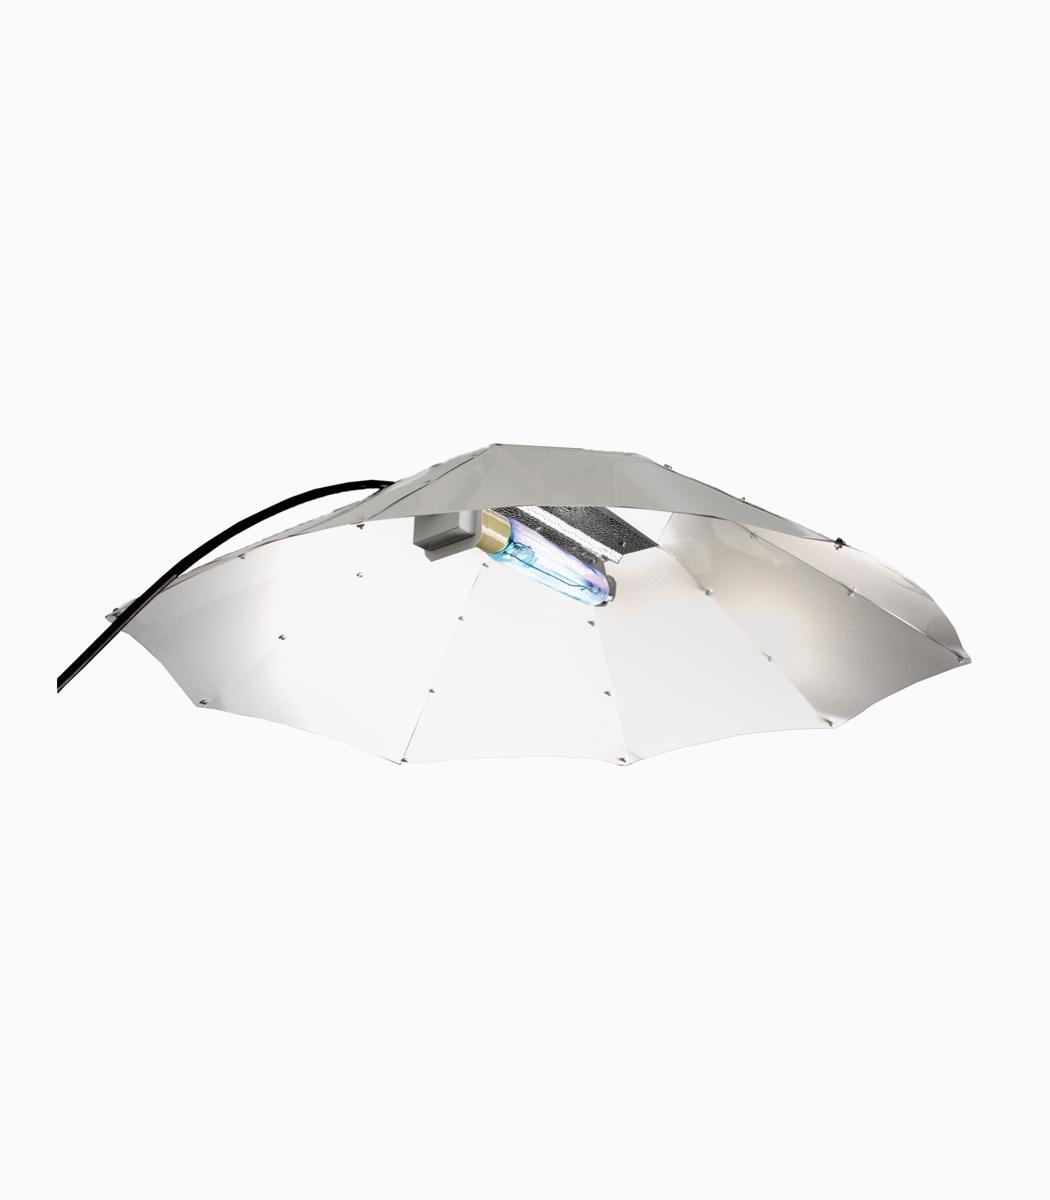 """Xtrasun 42"""" Horizontal/Vertical Parabolic Reflector"""